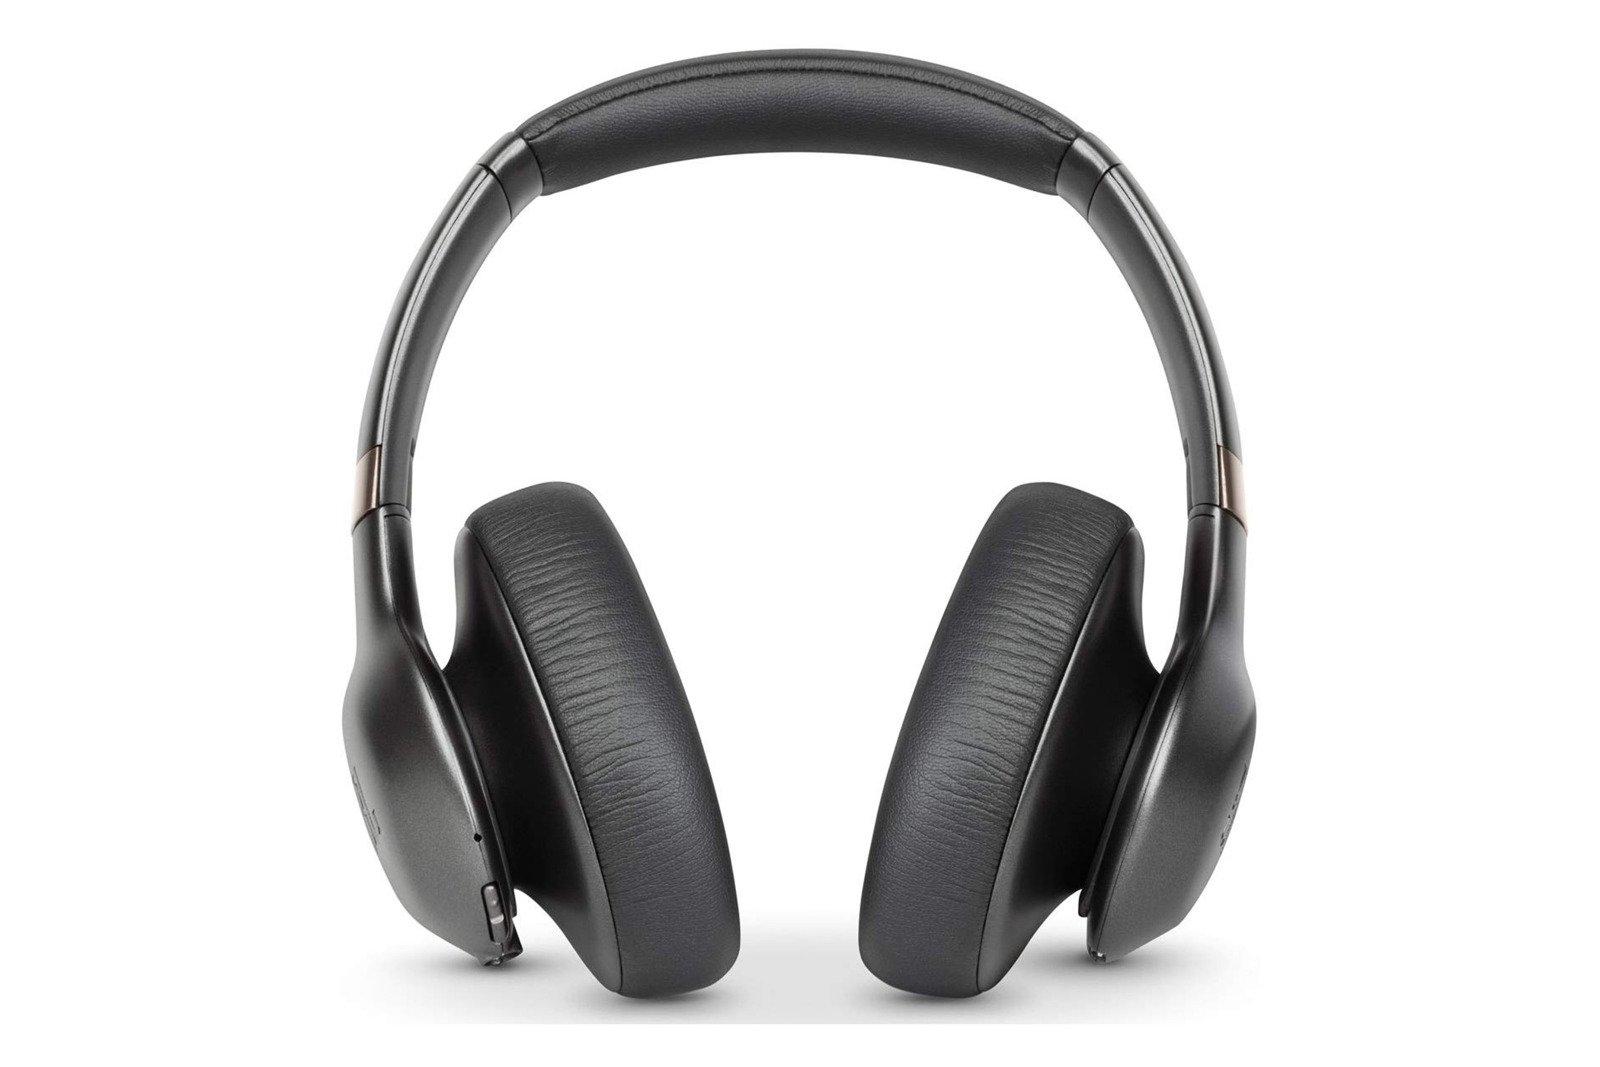 Neu OVP Kabellose Bluetooth Kopfhörer JBL Everest Elite 750NC Gun Metal